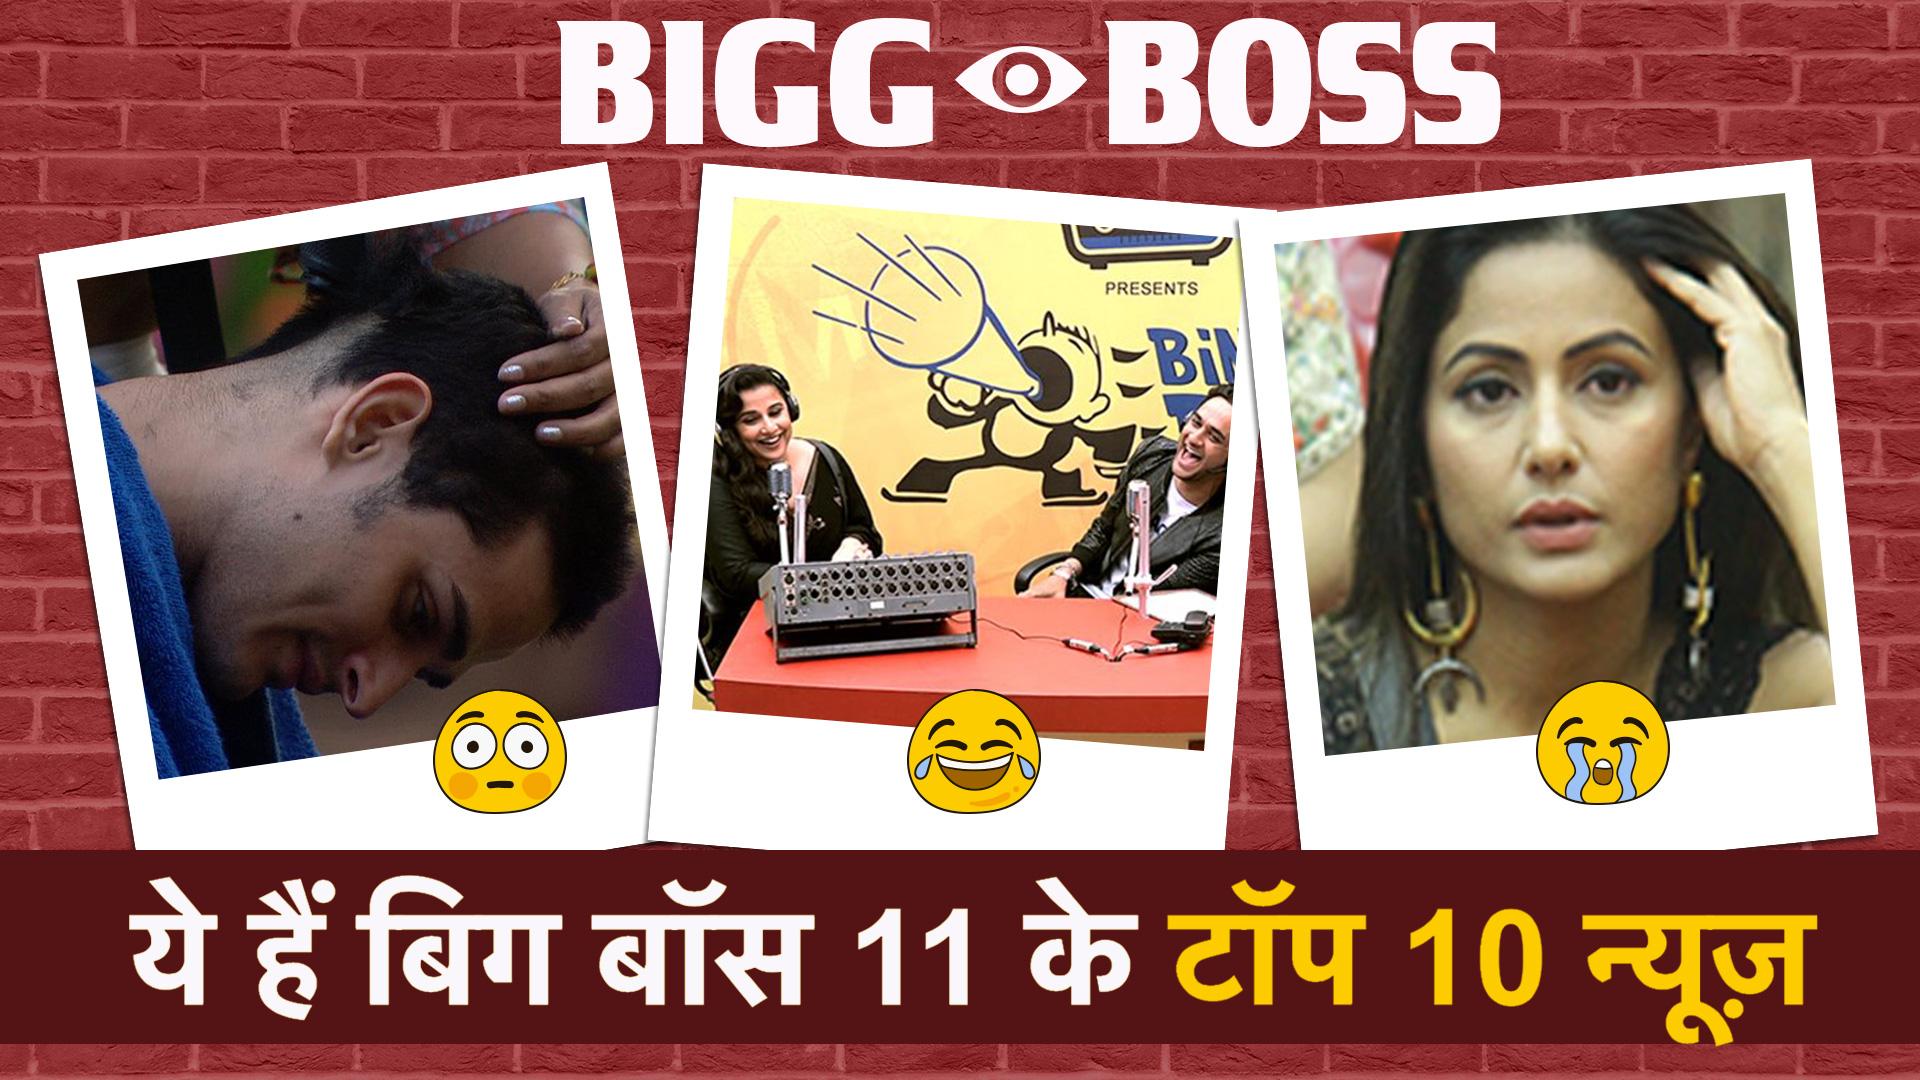 Bigg Boss 11: शिल्पा शिंदे और विकास गुप्ता बने पक्के दोस्त, शर्मनाक वजह से हुआ था बंदगी का ब्रेकअप